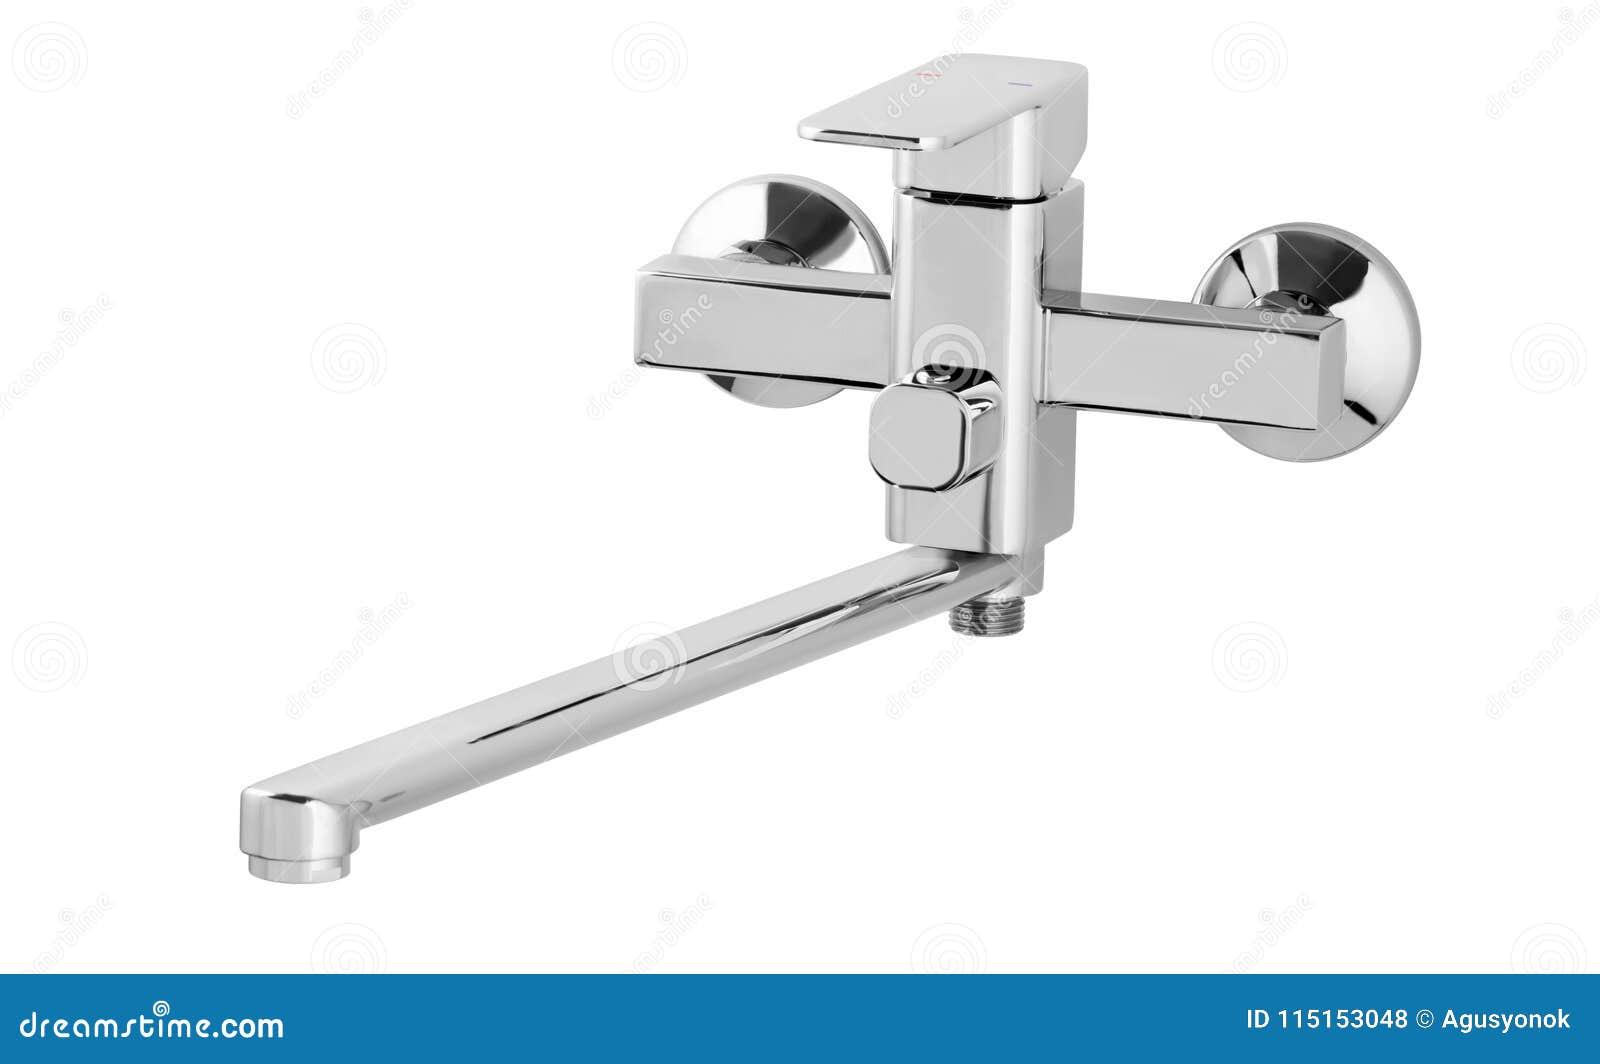 Rubinetto di acqua rubinetto per il bagno acqua calda fredda del miscelatore della cucina - Miscelatore cucina perde acqua ...